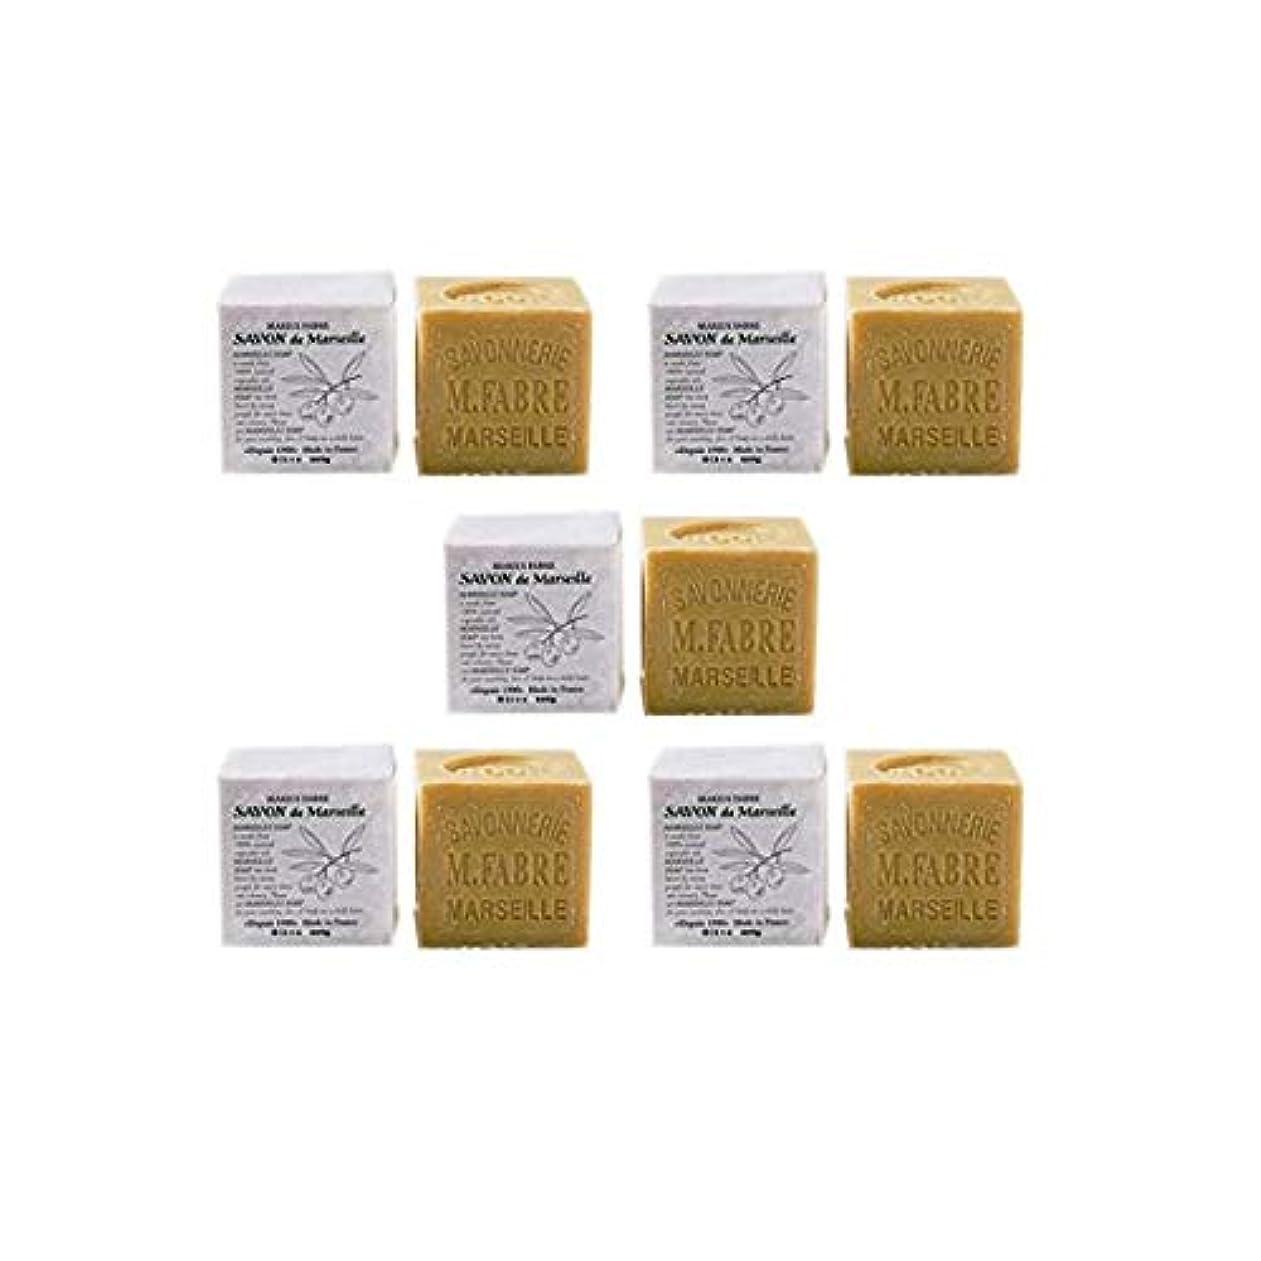 酔っ払い葬儀公使館マリウスファーブルジューン サボンドマルセイユ無香料200gオリーブN 5個セット(200g×5個)無添加オリーブ石鹸